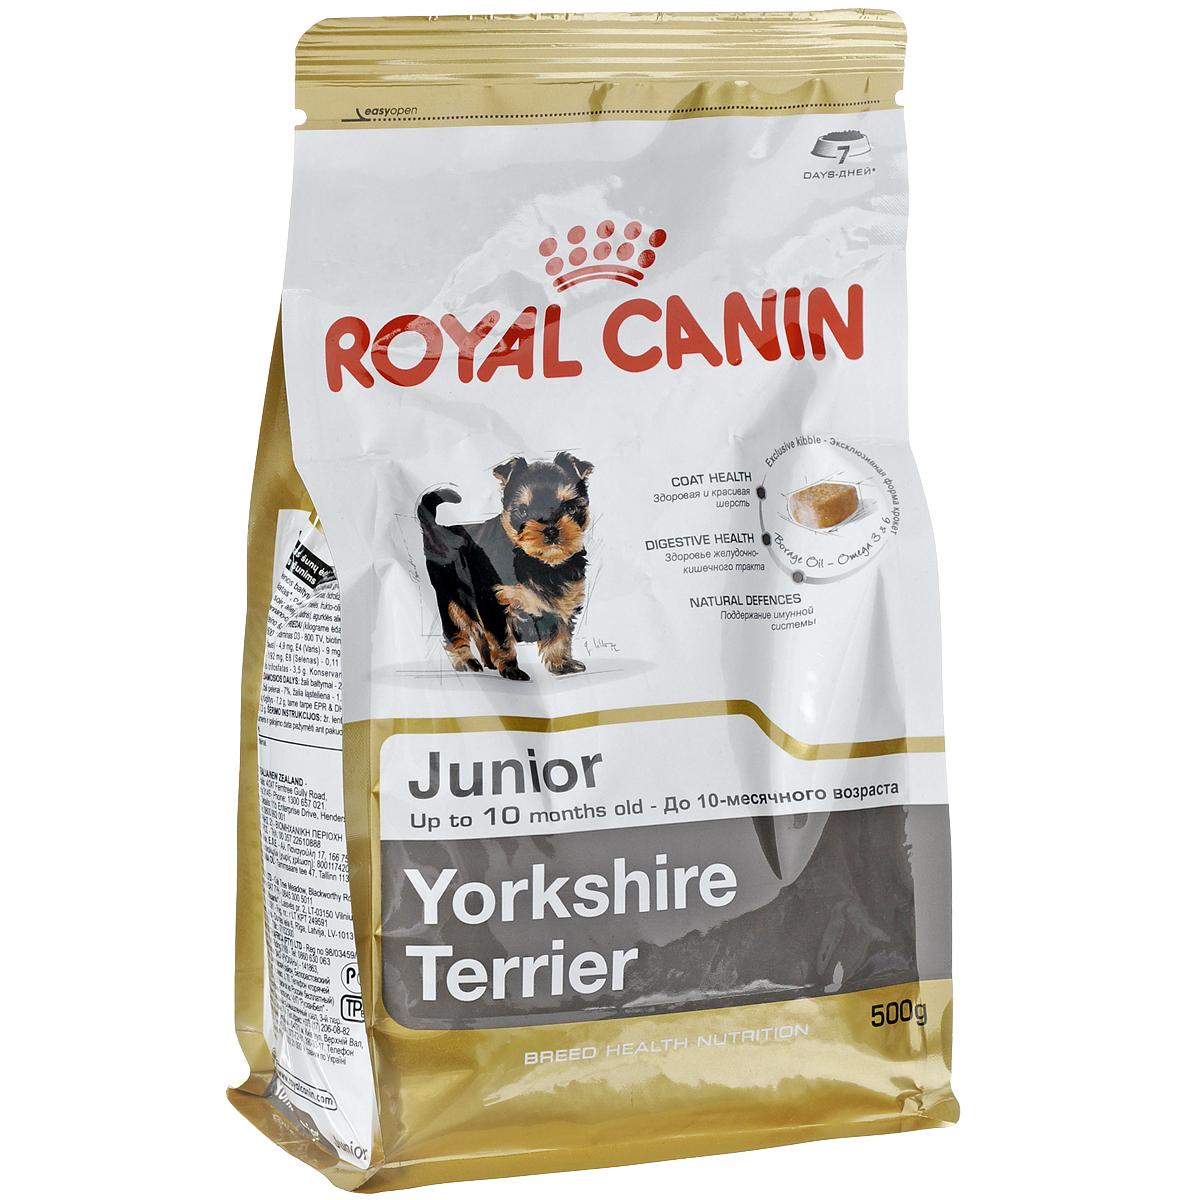 Корм сухой Royal Canin Yorkshire Terrier Junior, для щенков породы йоркширский терьер ввозрасте до 10 месяцев, 1,5 кг101246Сухой корм Royal Canin Yorkshire Terrier Junior - это полнорационный корм для щенков породы йоркширский терьер в возрасте до 10месяцев. Здоровая шерсть. Эксклюзивная формула поддерживает здоровье и красоту шерсти йоркширского терьера. Кормобогащен жирными кислотами Омега-3 (EPA и DHA) и Омега-6, маслом бурачника и биотином. Безопасность пищеварения. Корм обеспечивает оптимальную безопасность пищеварения и поддерживает баланскишечной флоры щенков йоркширского терьера.Надежная естественная защита. Корм позволяет обеспечить естественную защиту организма щенкайоркширского терьера.Профилактика образования зубного камня.Благодаря хелаторам кальция и специально подобранной текстуре крокет, которая оказывает чистящее воздействие, корм помогает ограничить образование зубного камня у щенков породы йоркширский терьер.Состав: дегидратированные белки животного происхождения (птица), изолят растительных белков, рис,животные жиры, кукурузная мука, свекольный жом, гидролизат белков животного происхождения, минеральныевещества, соевое масло, рыбий жир, фруктоолигосахариды, дрожжи, гидролизат дрожжей (источник маннановыхолигосахаридов), масло огуречника аптечного (0,1%), экстракт бархатцев прямостоячих (источник лютеина). Добавки (в 1 кг): Питательные добавки: витамин A: 29500 МЕ, витамин D3: 800 МЕ, Биотин: 3,07 мг, E1 (железо): 49 мг,E2 (йод): 4,9 мг, E5 (марганец): 64 мг, E6 (цинк): 192 мг, E8 (селен): 0,11 мг. Технологические добавки: триполифосфатнатрия: 3,5 г, консервант: сорбат калия, антиокислители: пропилгаллат, БГА. Содержание питательных веществ: Белки 29%, жиры 20%, минеральные вещества 7%, клетчатка пищевая 1,3%. В 1кг: жирные кислоты Омега 3: 7,2 г, в том числе жирные кислоты EPA и DNA: 3 г, жирные кислоты Омега 6: 37,2 г, медь:15 мг.Товар сертифицирован.